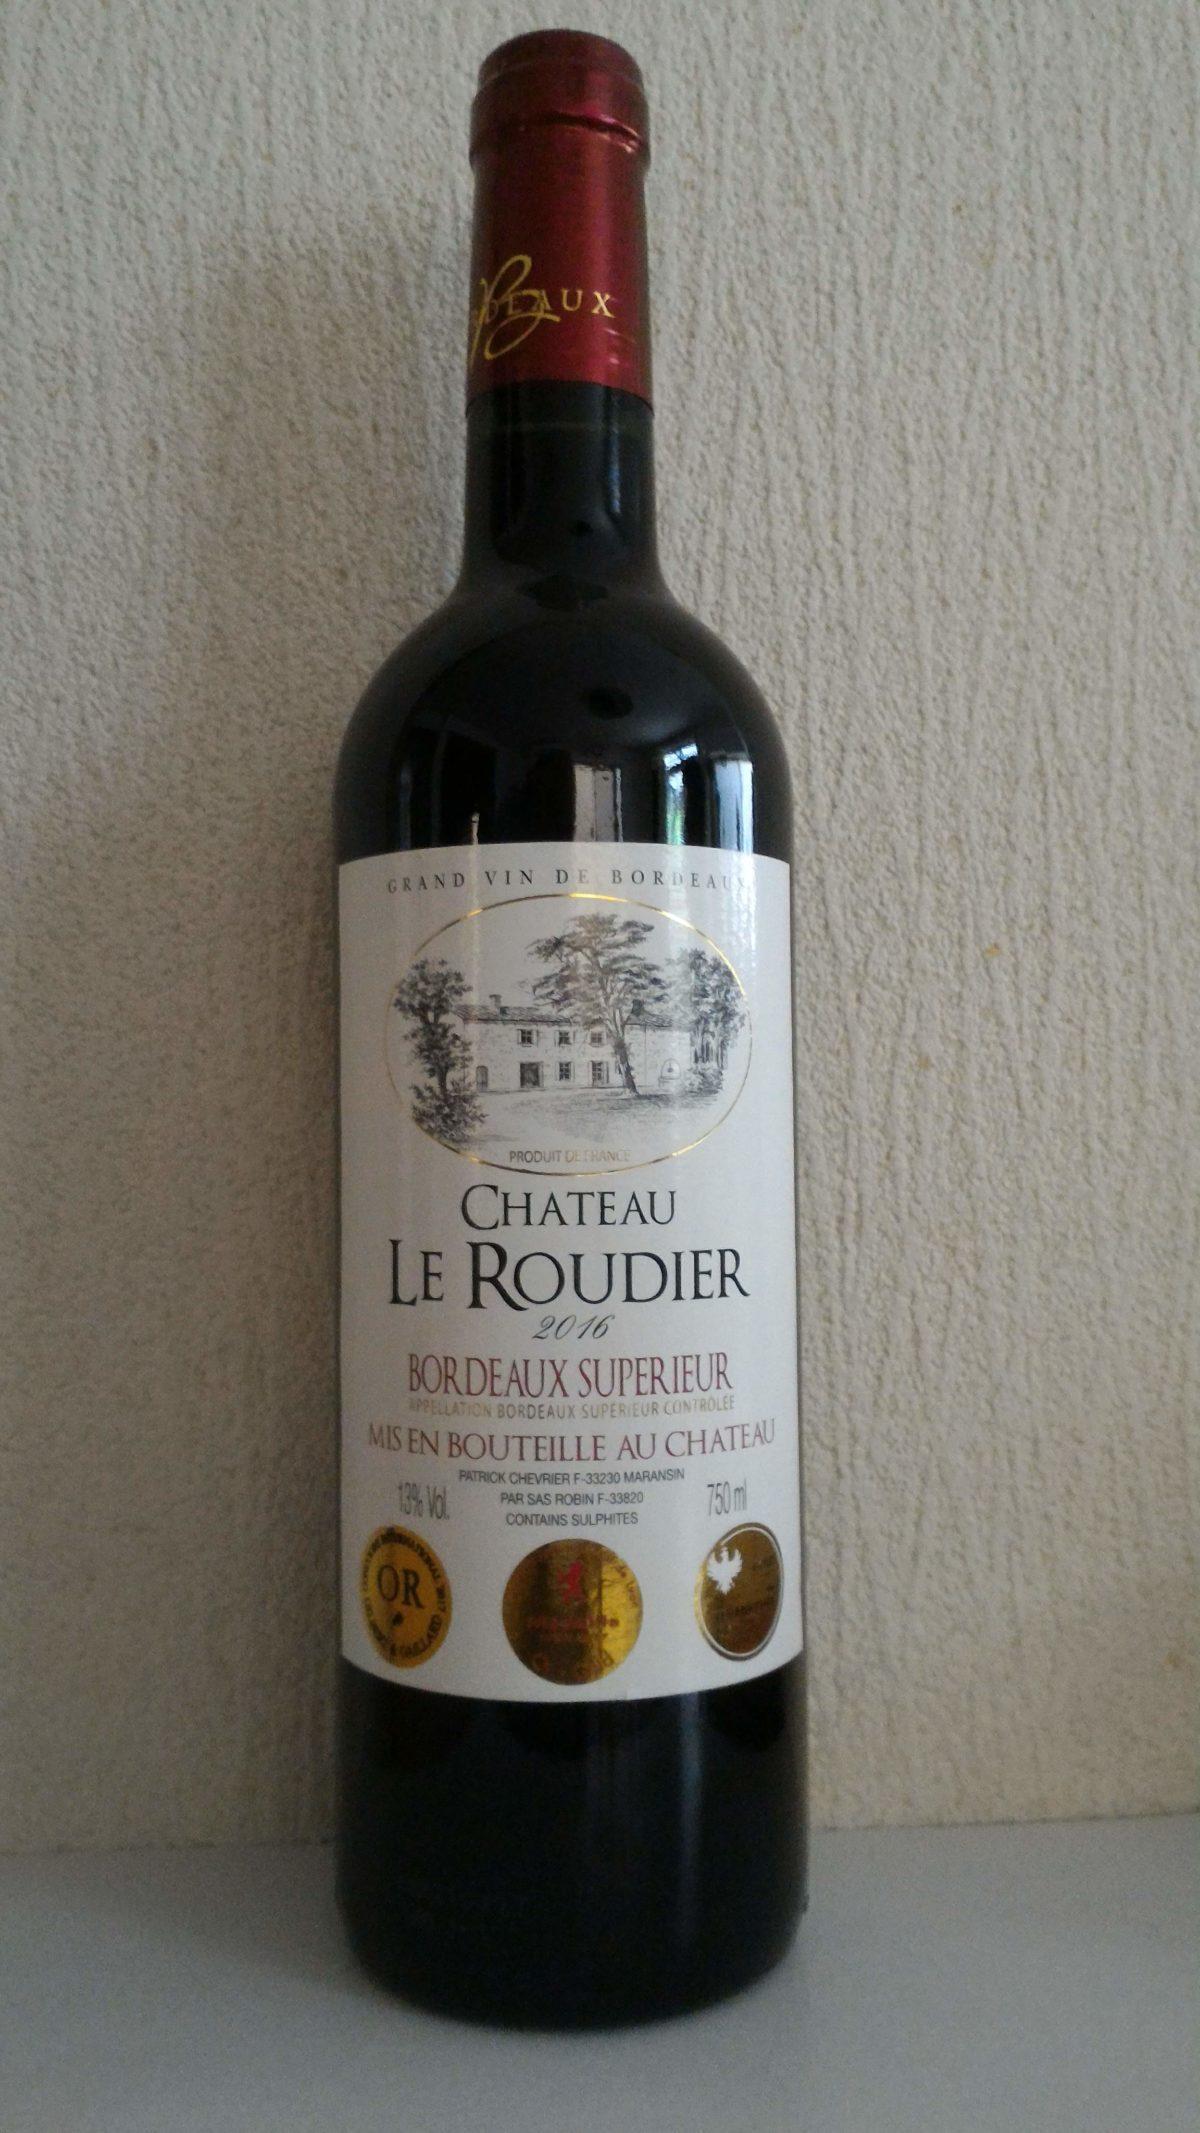 1000~2000円以下で楽しむ赤ワイン「シャトー・ル・ルディエ」